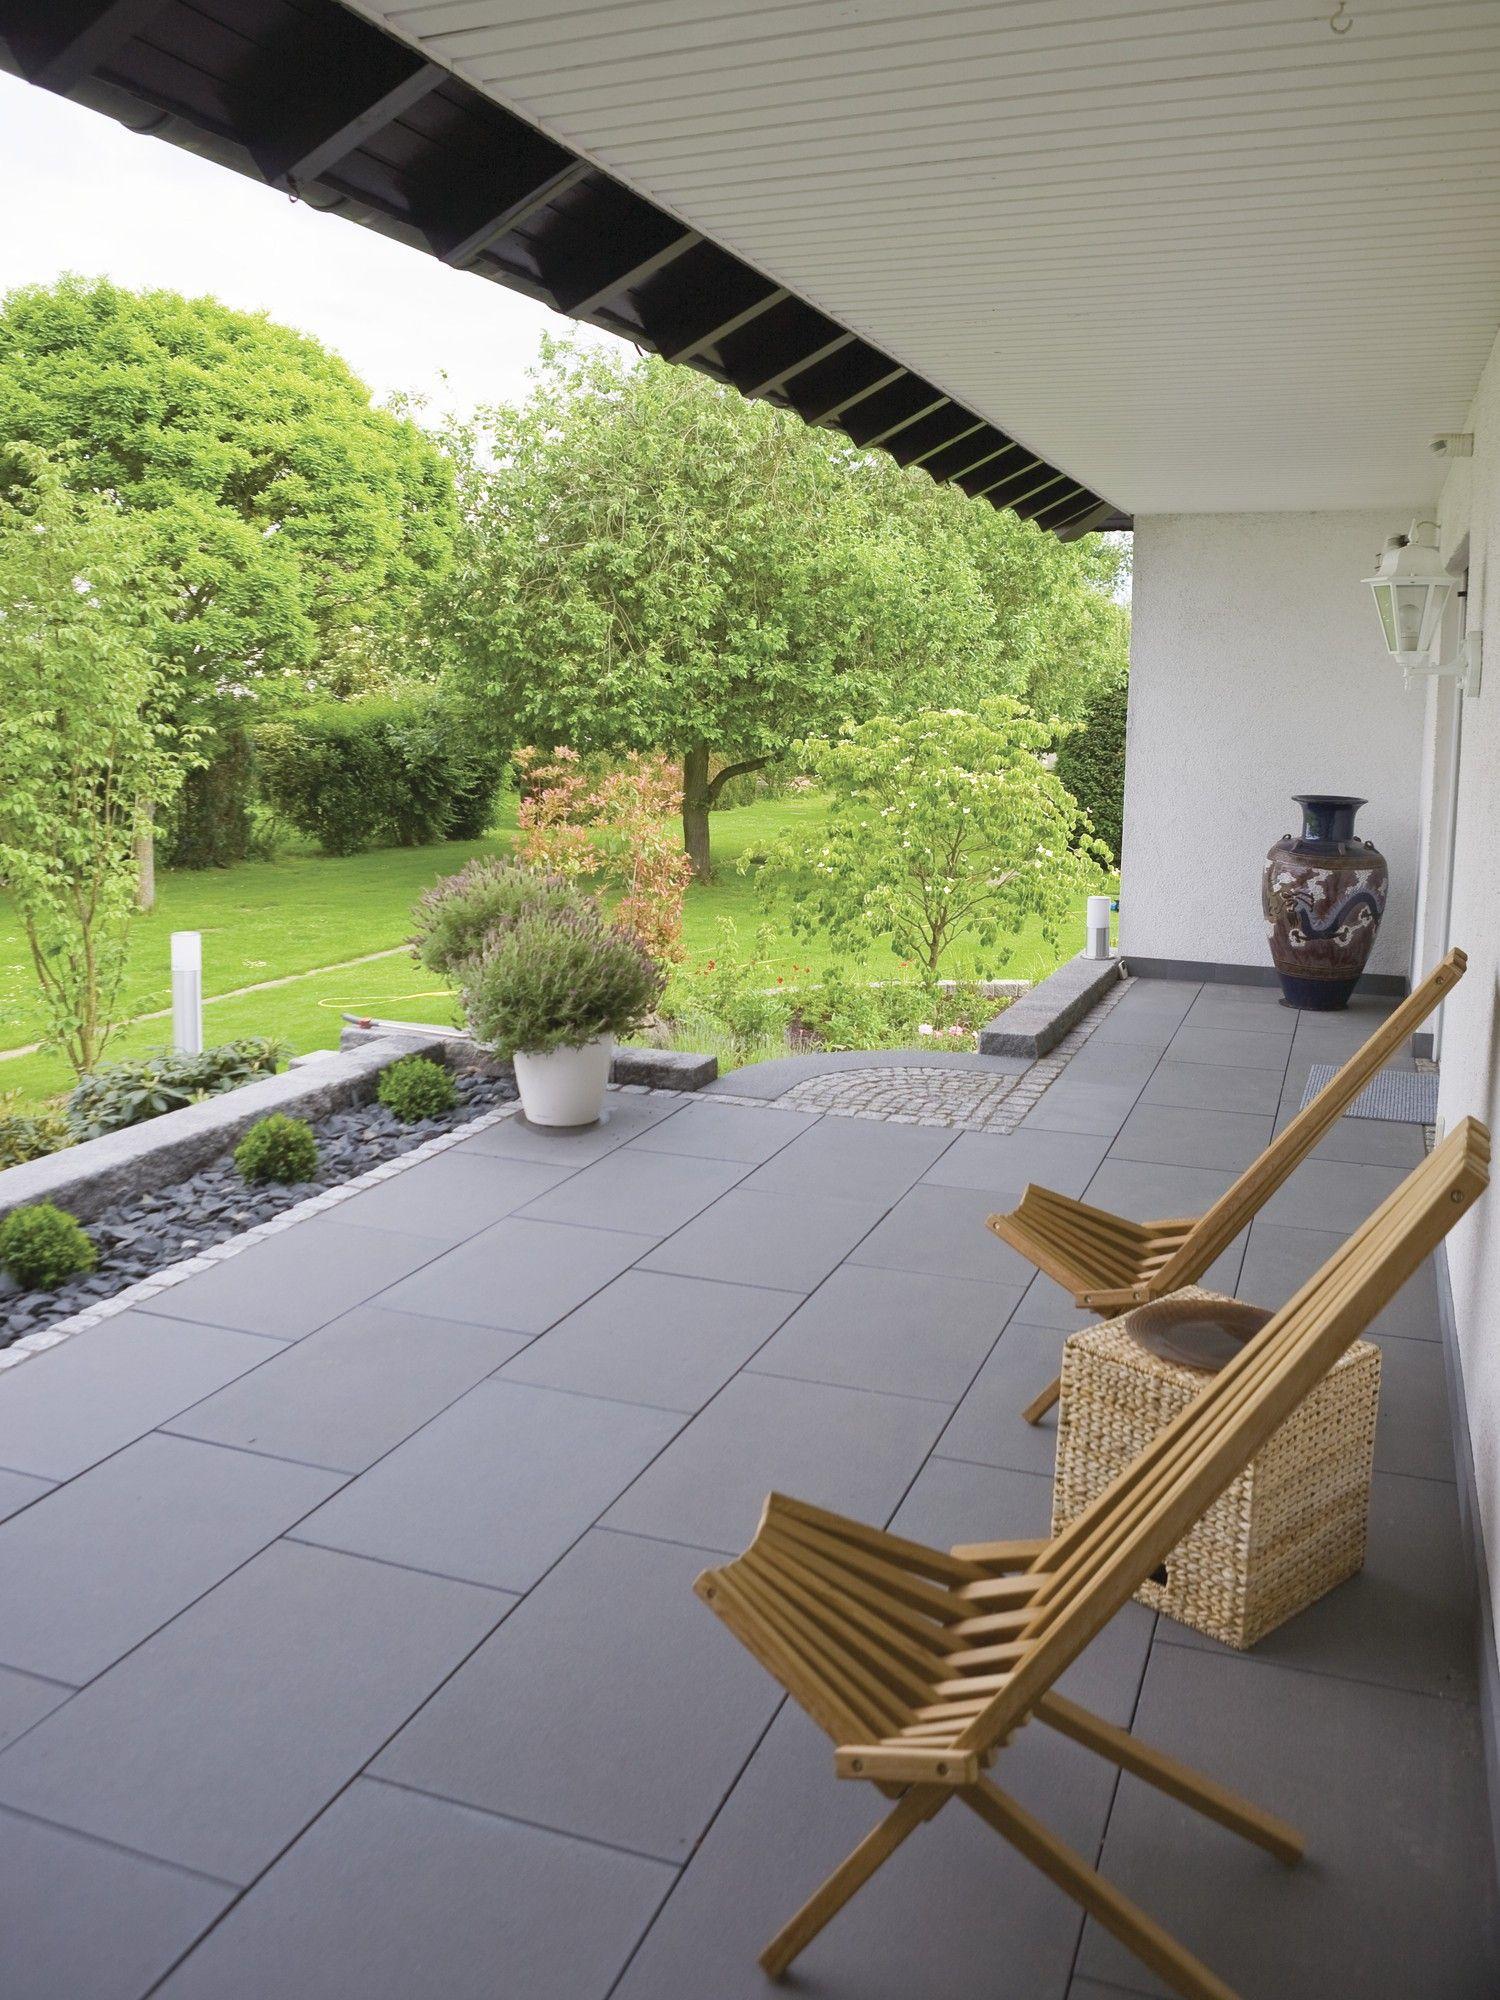 Terrassenplatten Mit Teflon Impragnierung Rsf 1 Von Rinn Betonsteine Und Natursteine Mit Bildern Garten Garten Terrasse Terrassenplatten